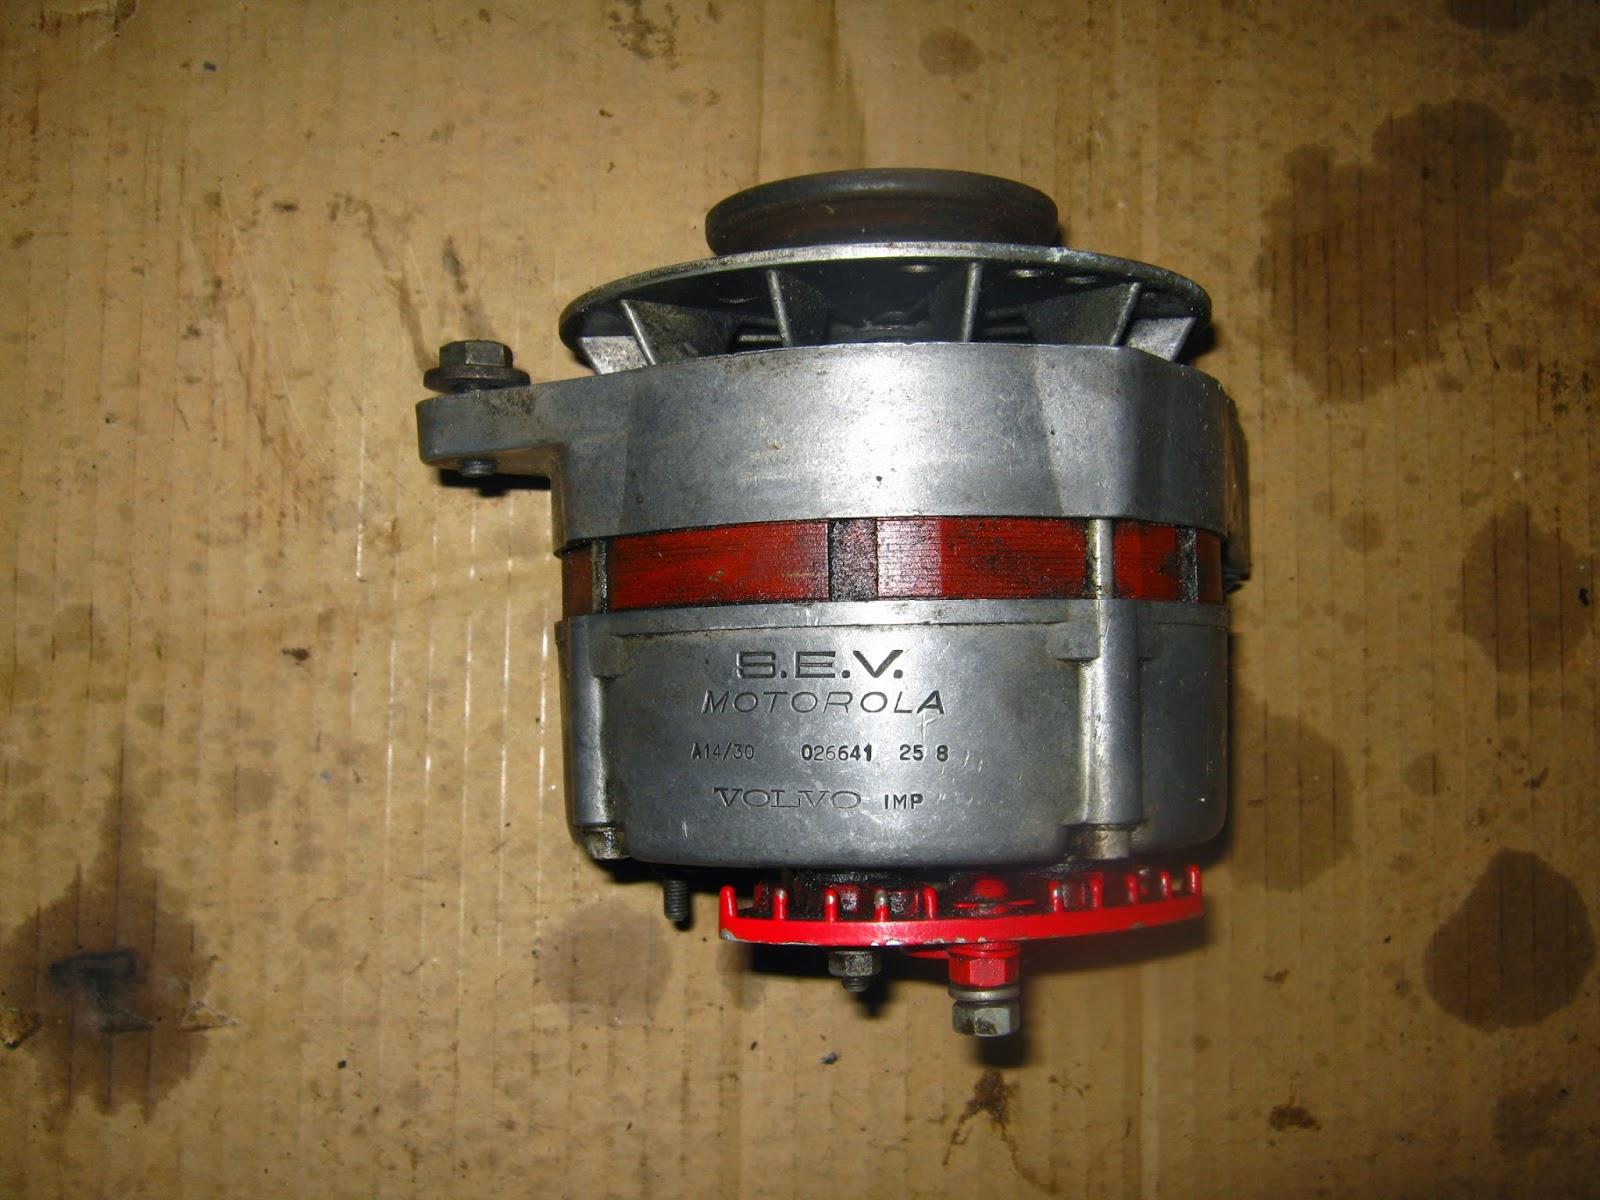 motorola alternator 30 amp volvo amazon p130 [ 1600 x 1200 Pixel ]